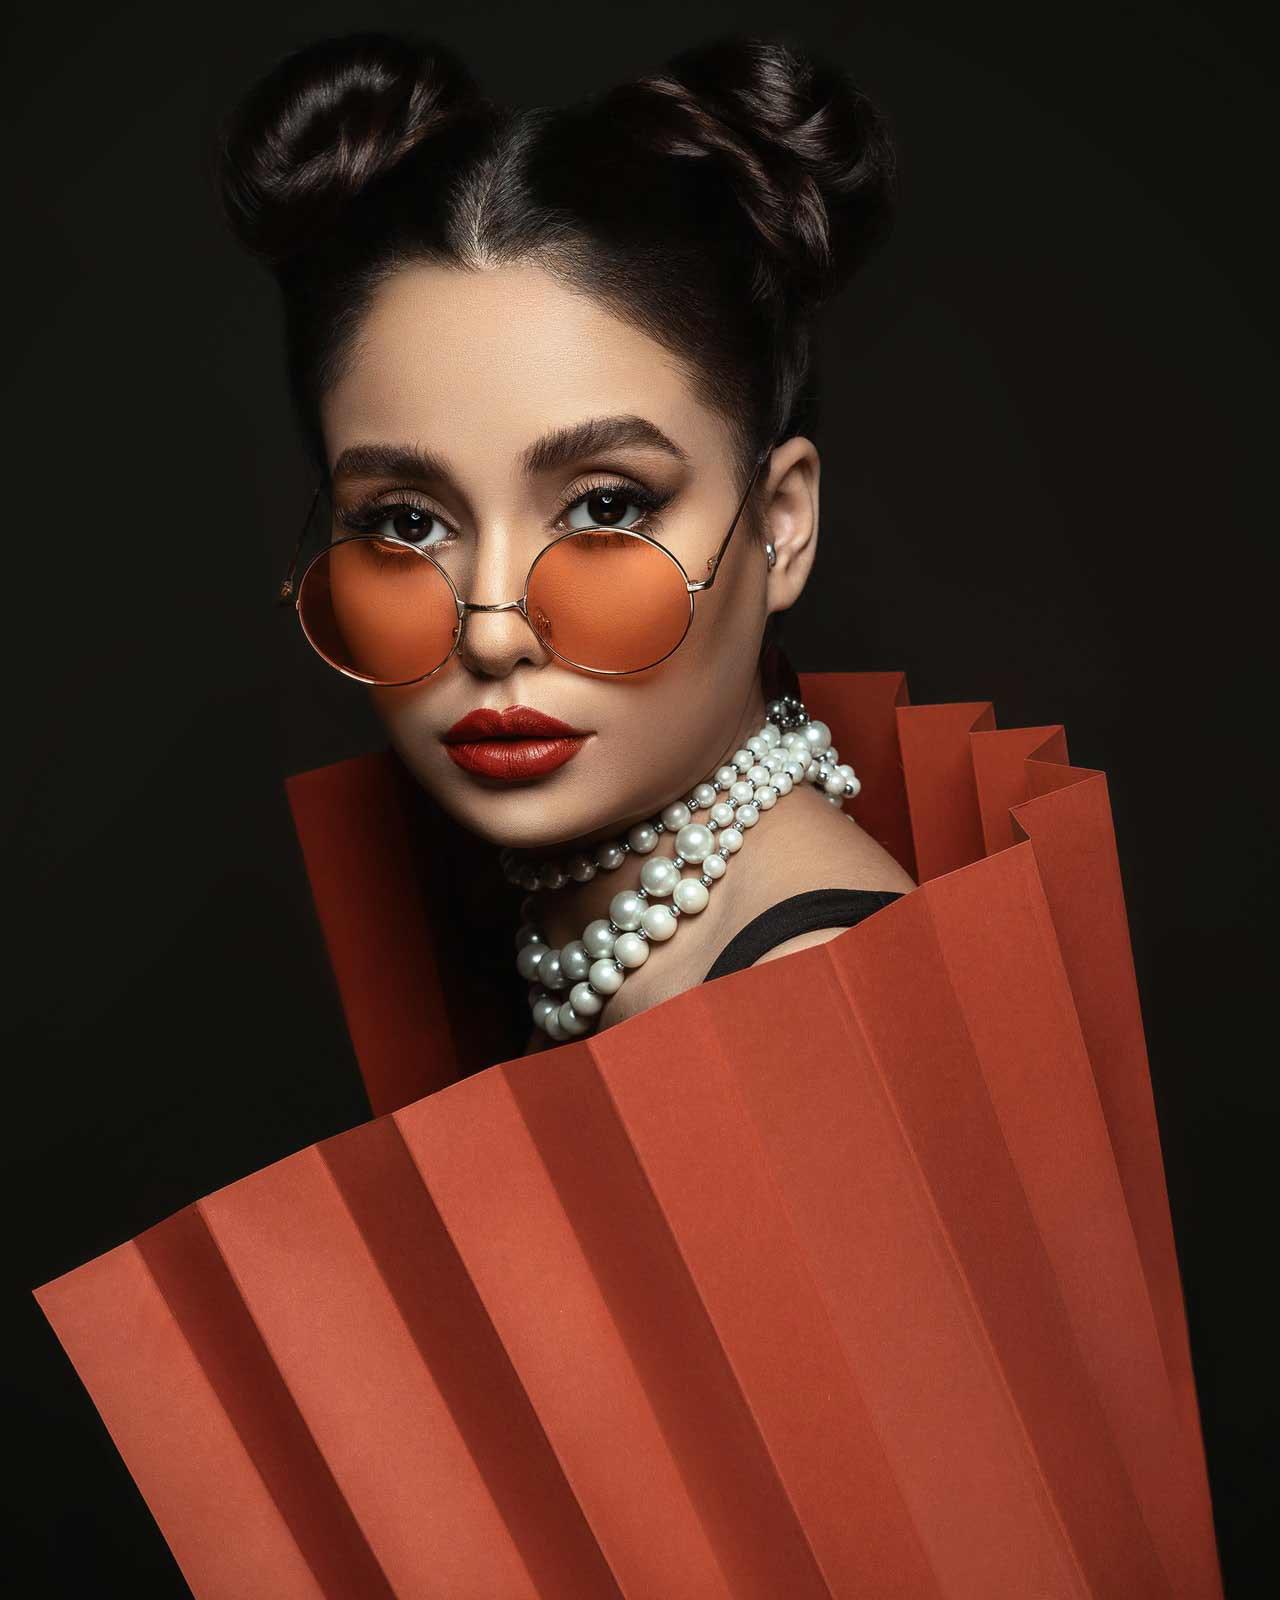 woman-wearing-sunglasses-3387552